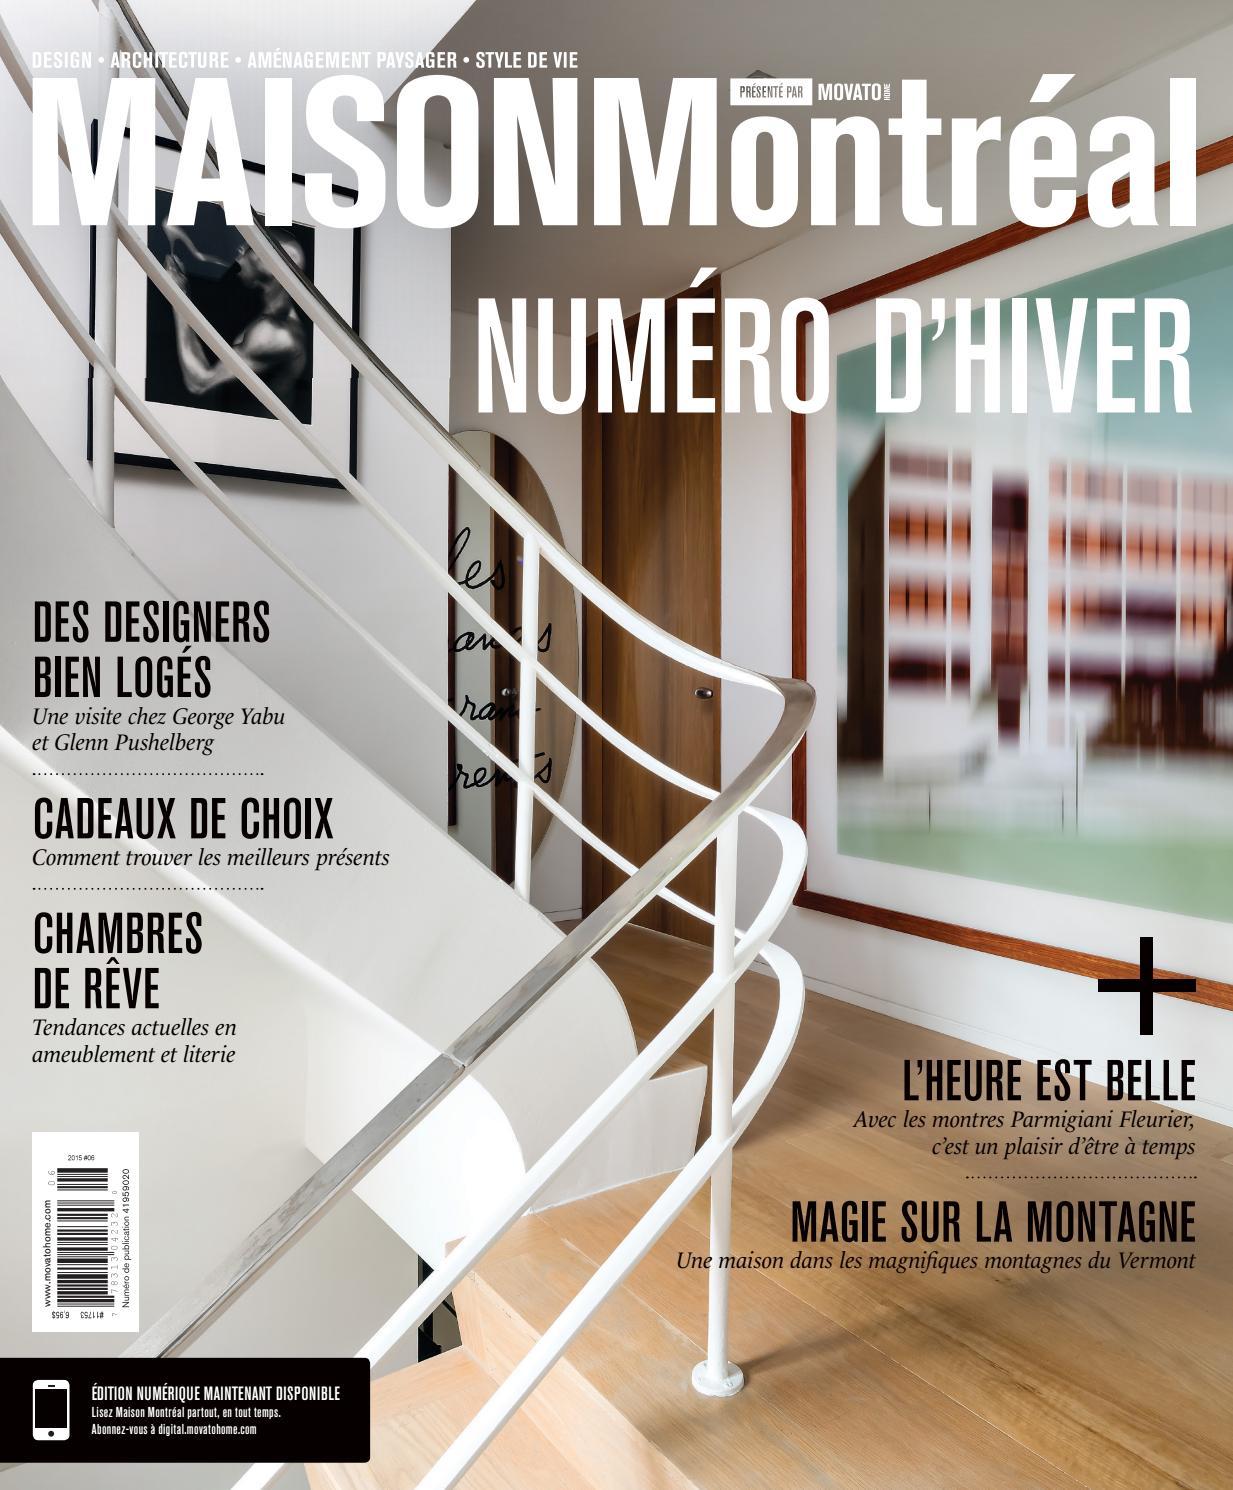 Maison montr al num ro d 39 hiver 2015 2016 by movatohome for Architecture et tendances magazine